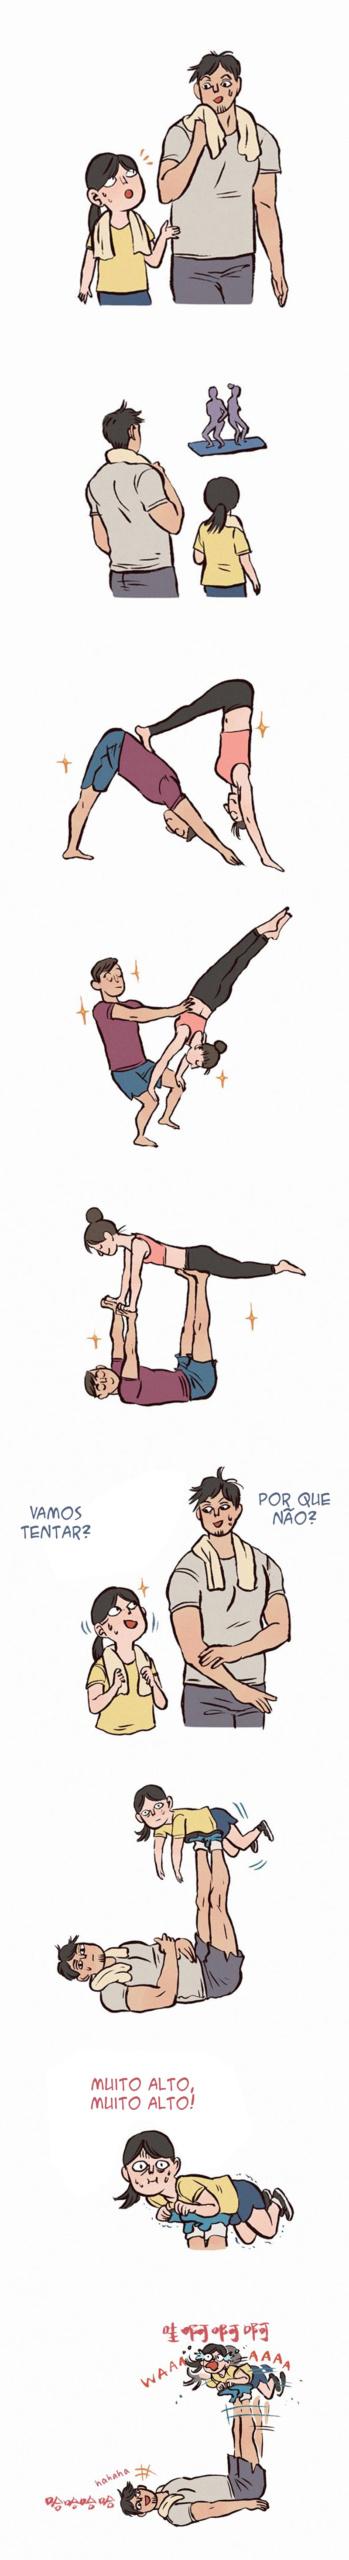 Quando um casal engraçado tenta se exercitar junto